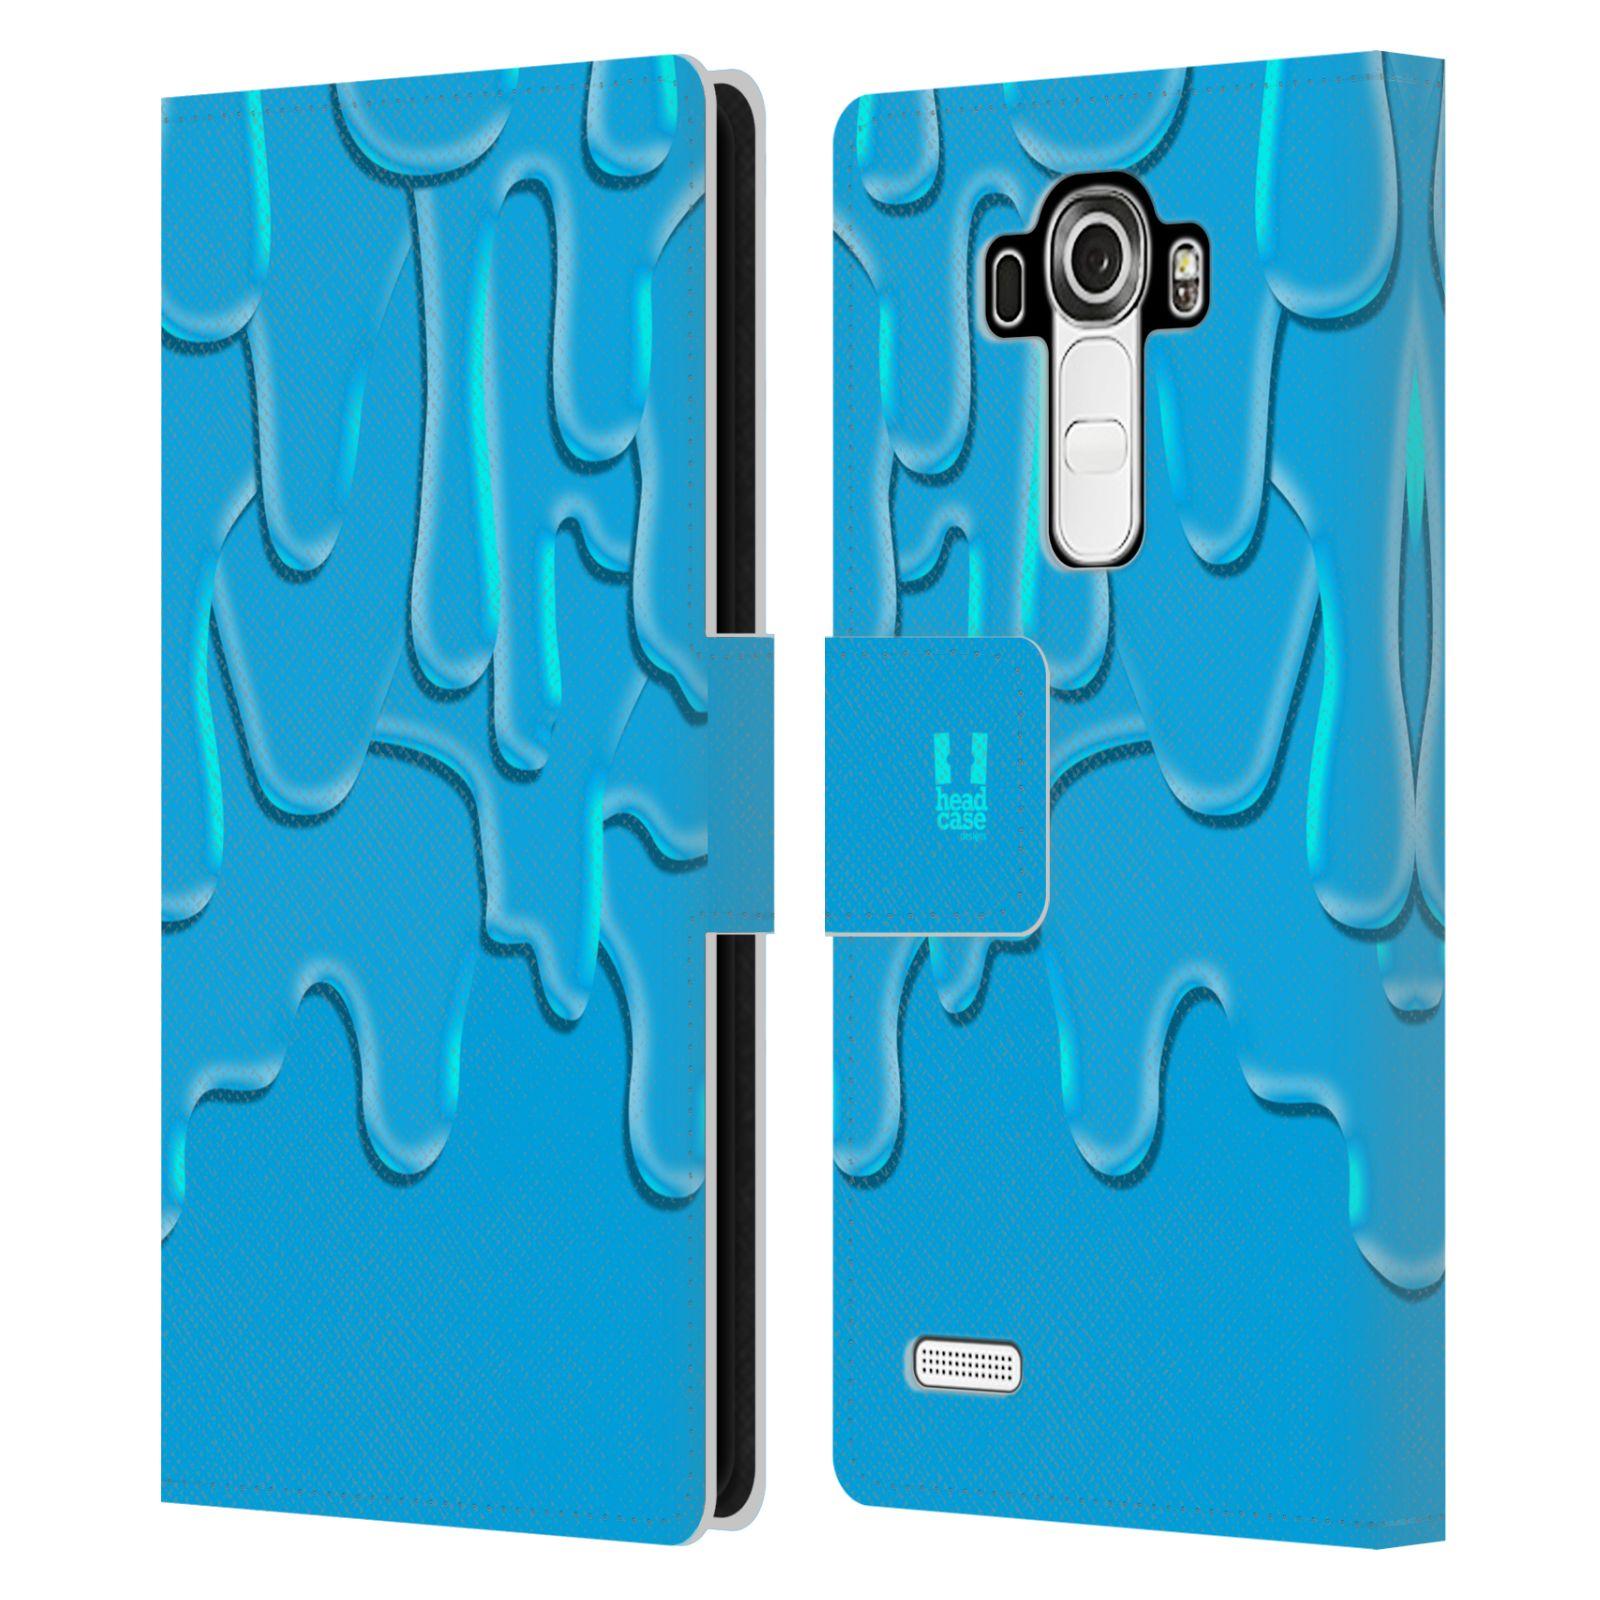 HEAD CASE Flipové pouzdro pro mobil LG G4 (H815) ZÁPLAVA BARVA tyrkysová modrá